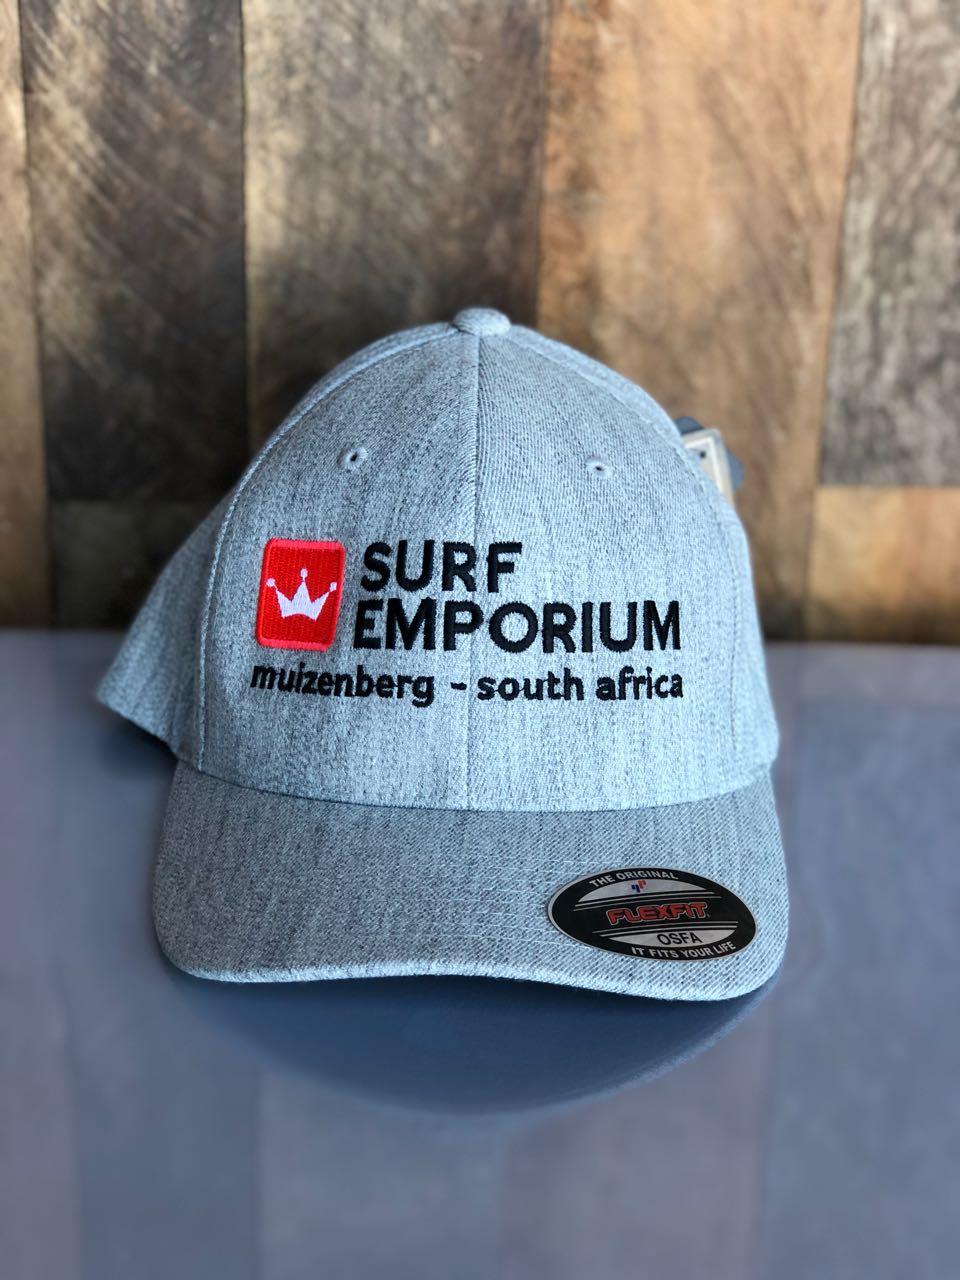 789ac48faf592 Surf Emporium Fitted Curved Peak Caps